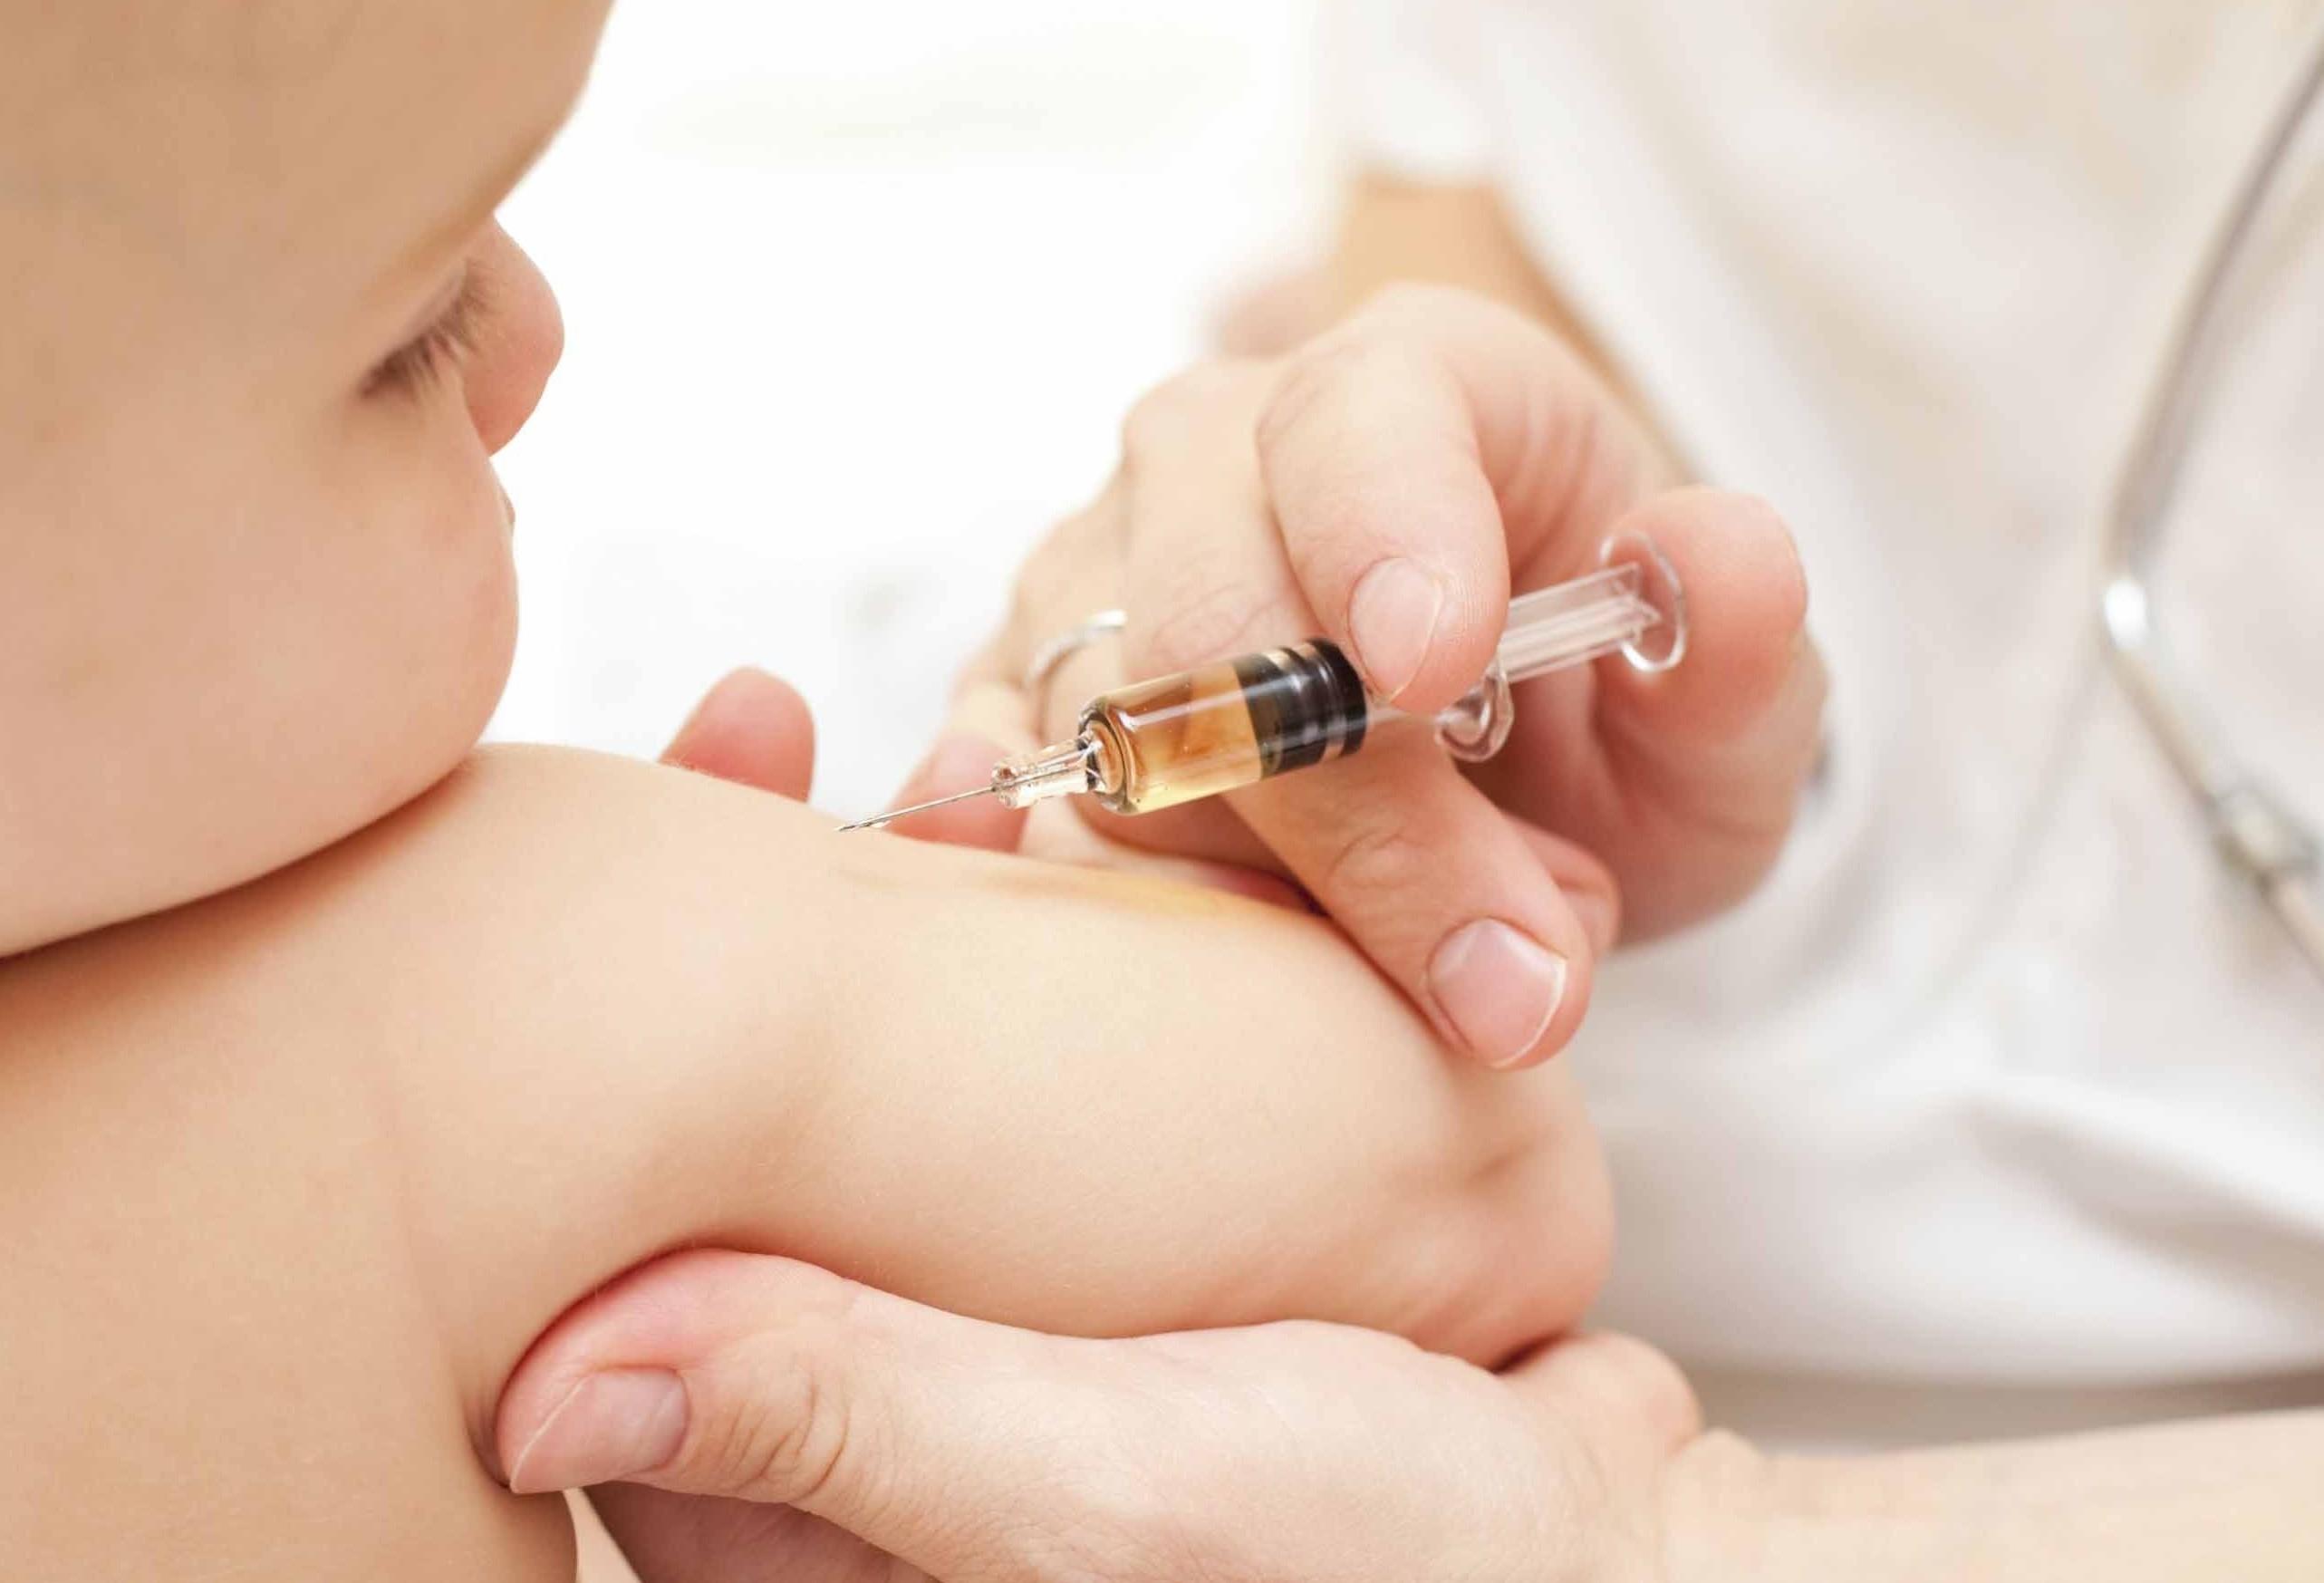 vaccini-immagine